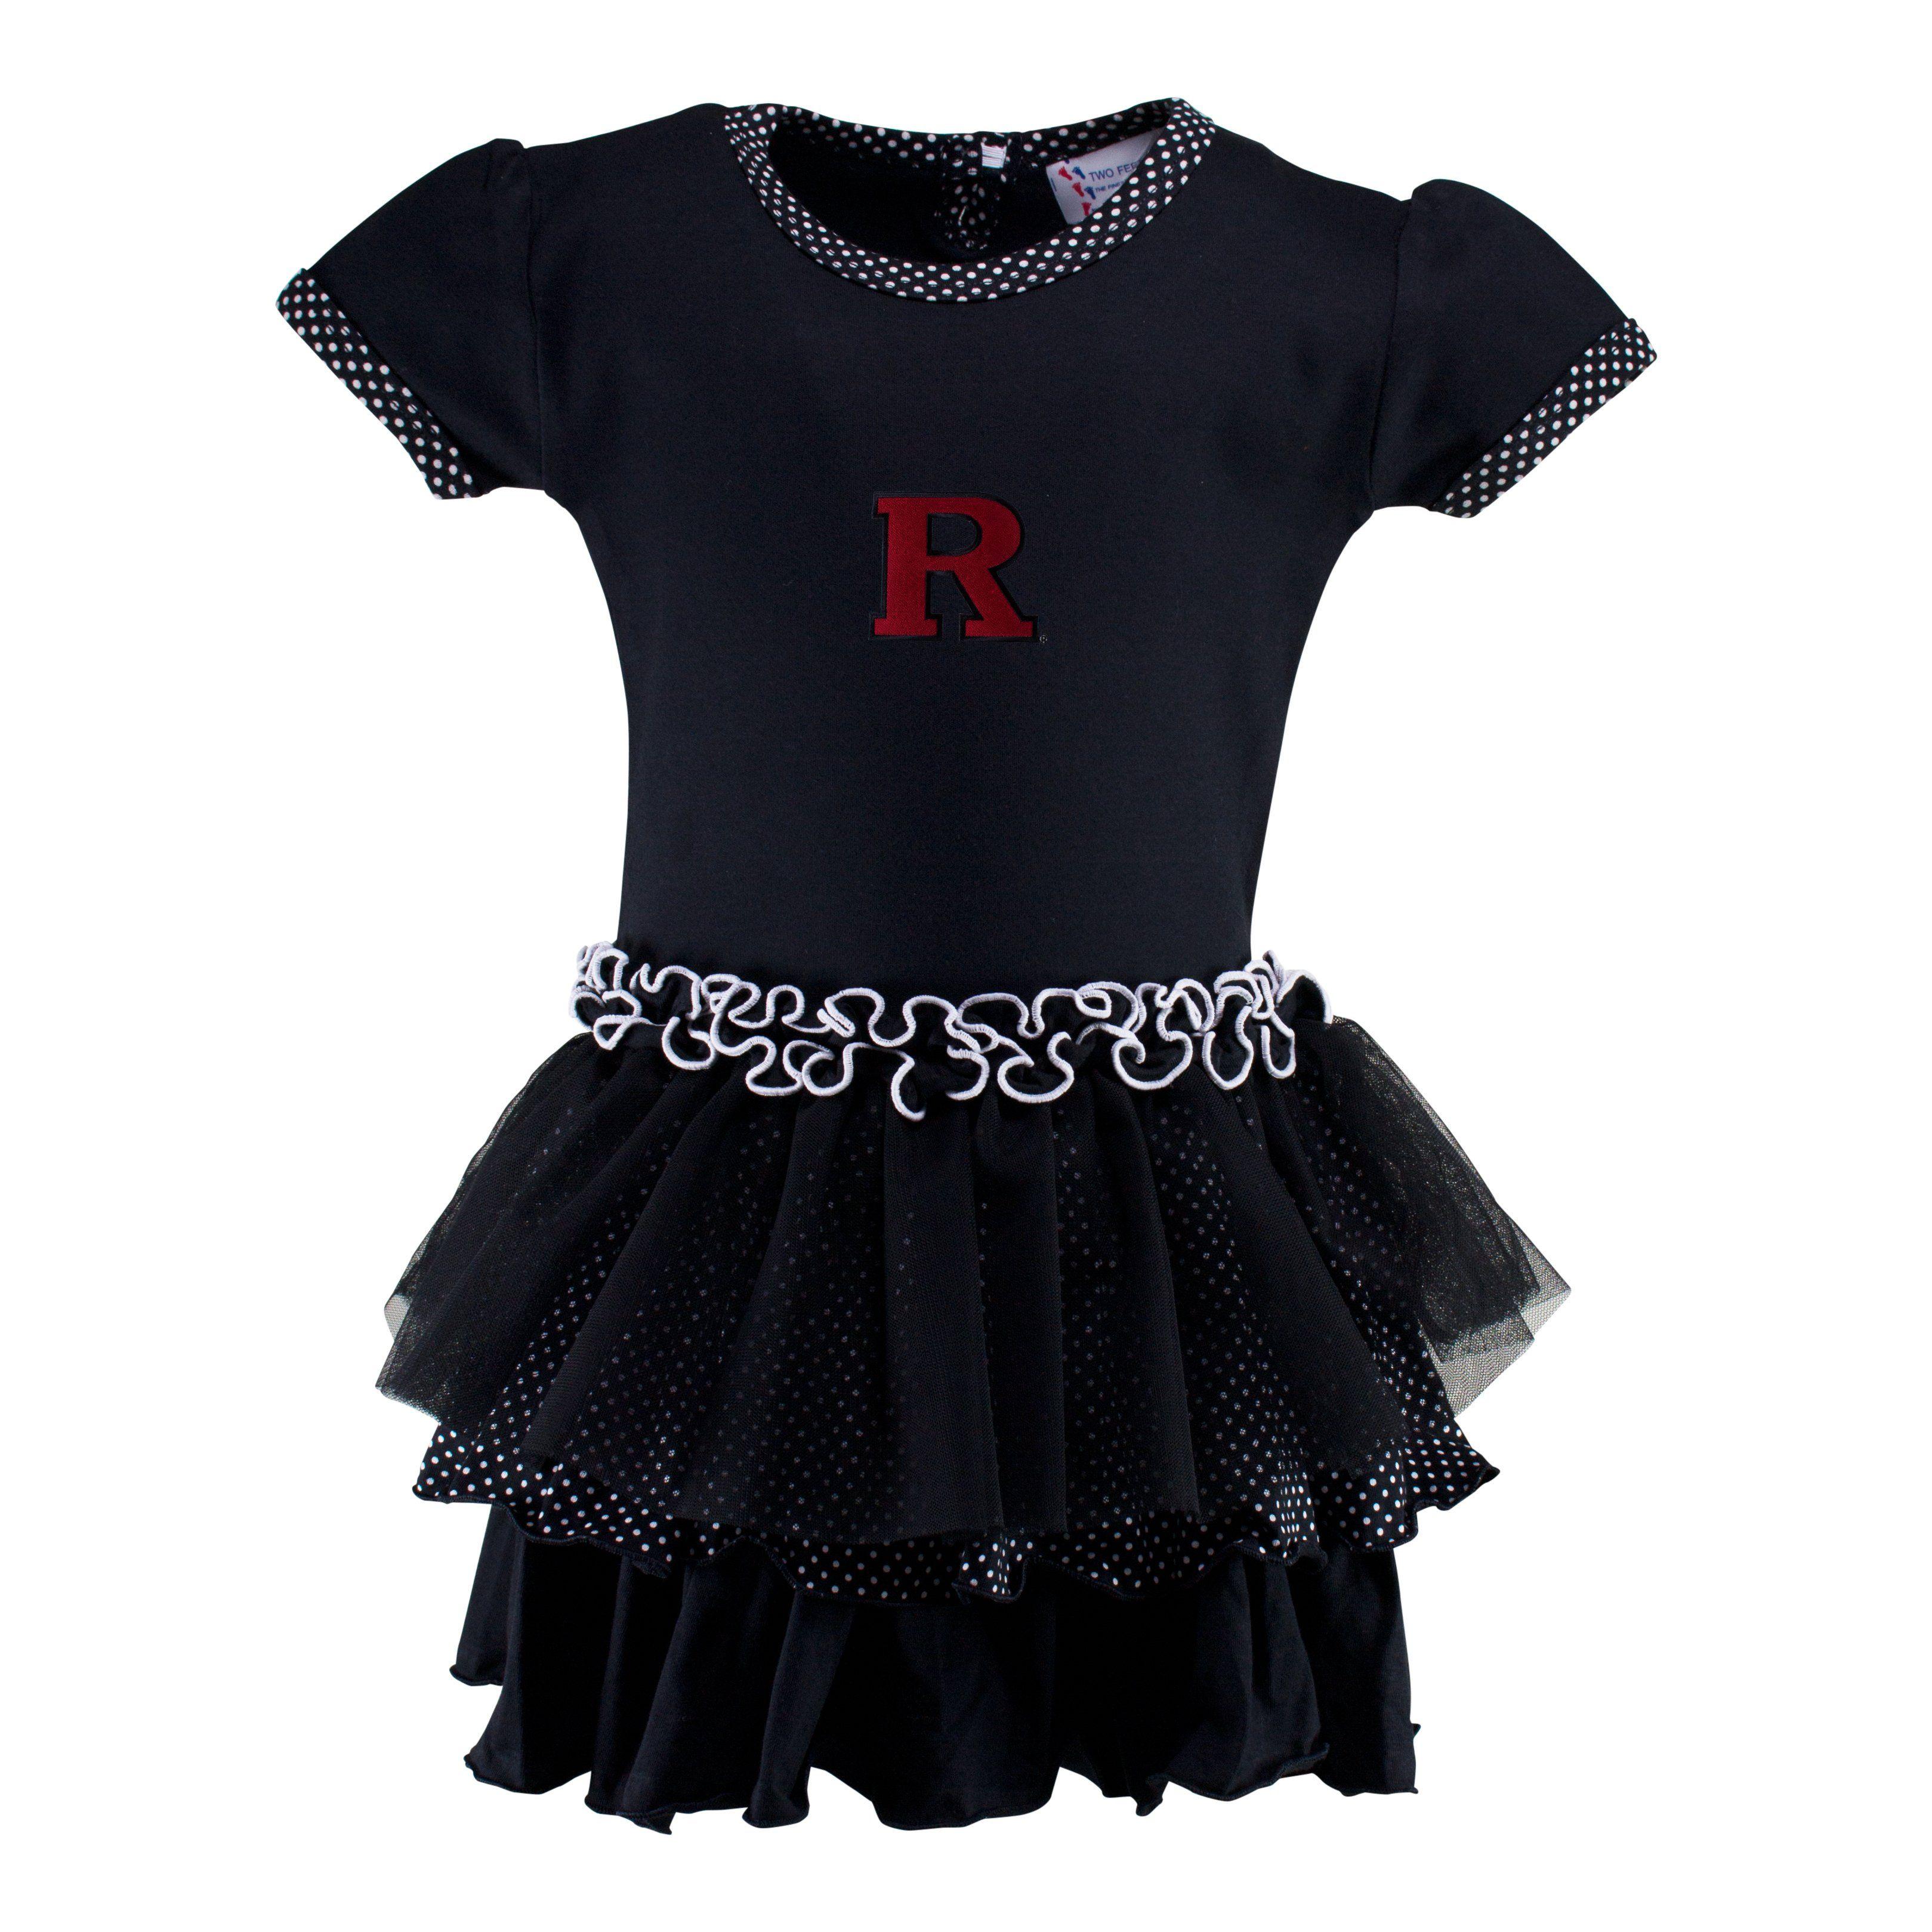 381f5a01c7f Rutgers Pin Dot Tutu Dress